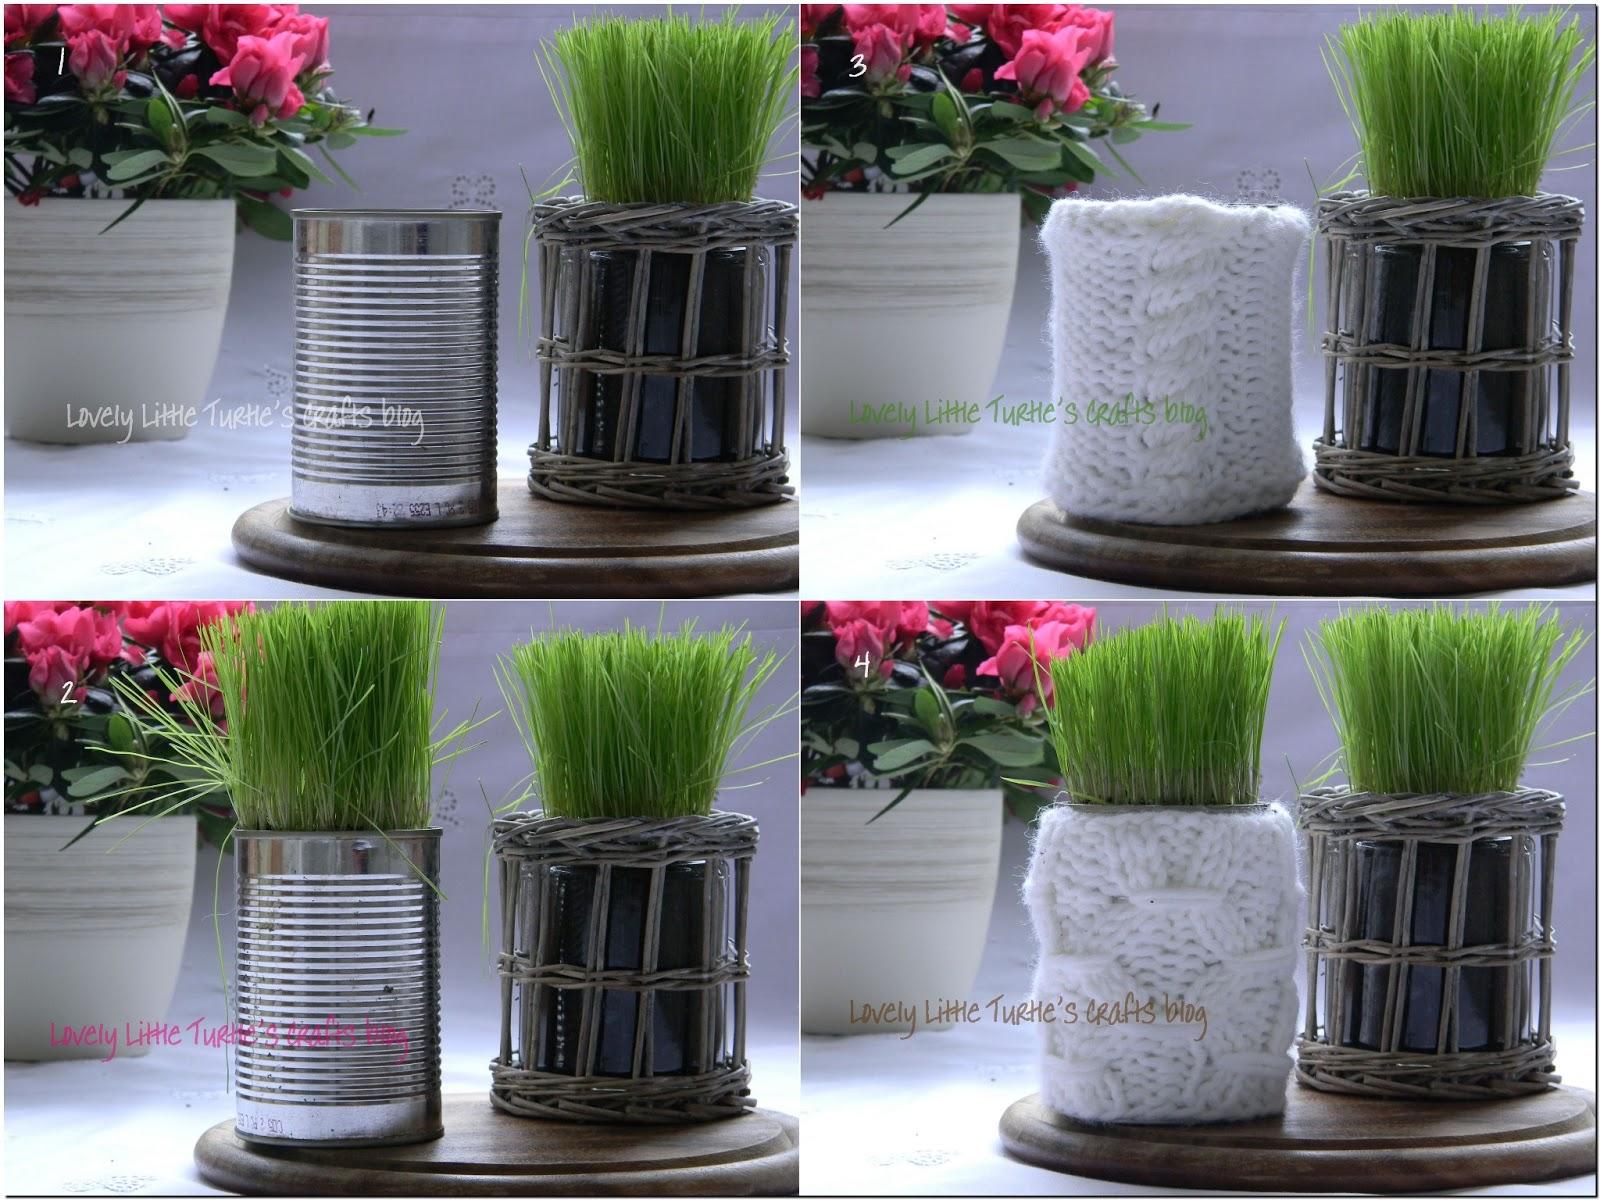 20+ Idées Géniales pour Recycler vos Boites de Conserves  20+ Idées Géniales pour Recycler vos Boites de Conserves  20+ Idées Géniales pour Recycler vos Boites de Conserves